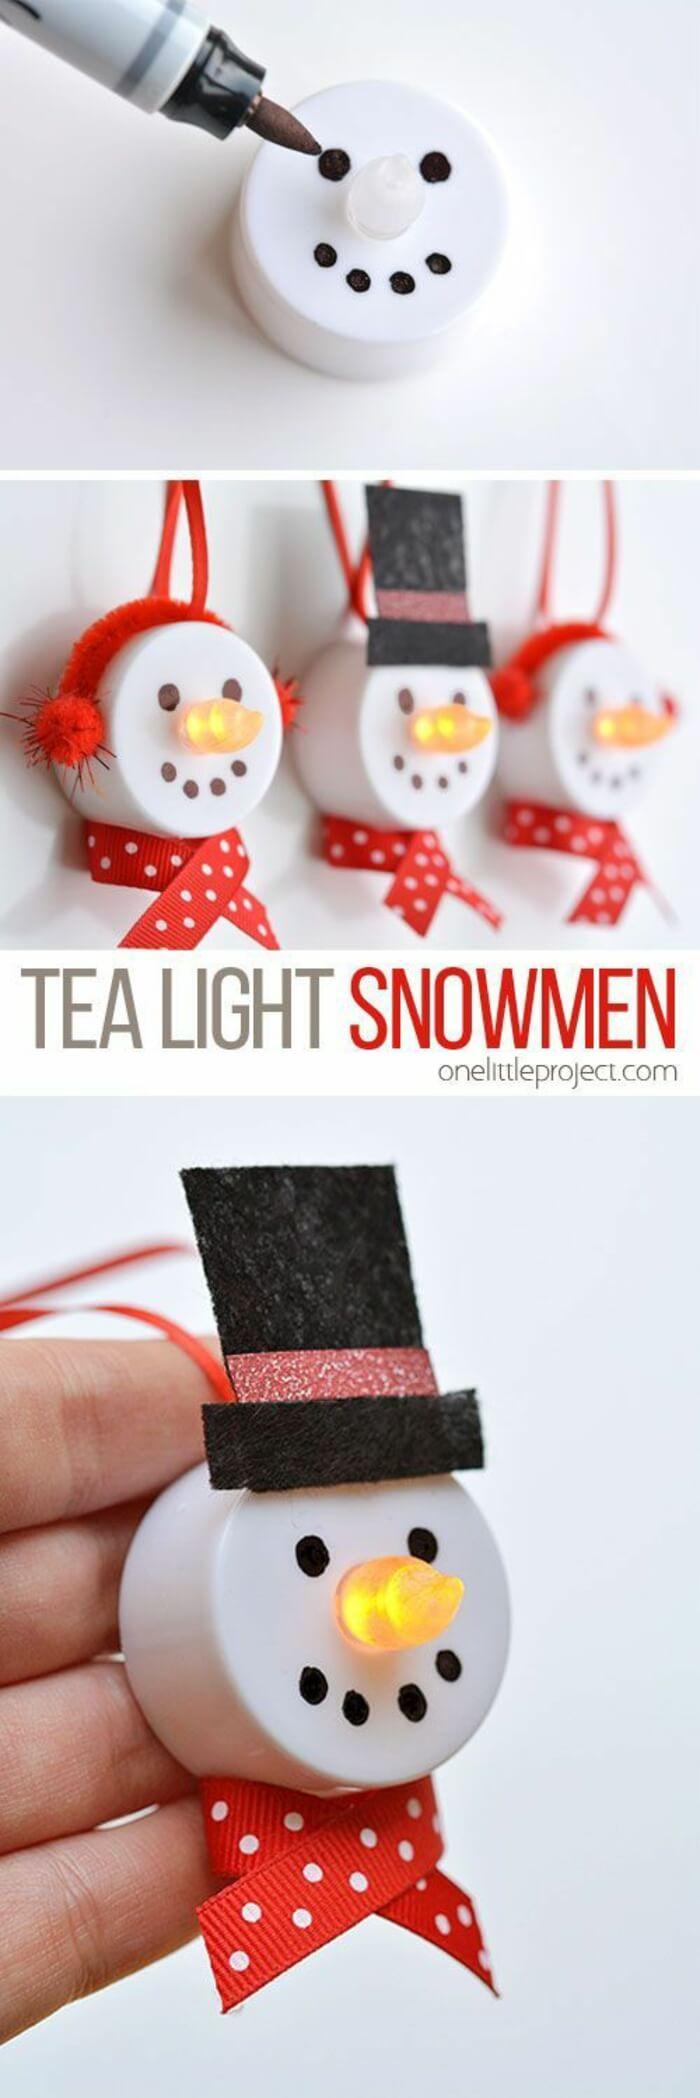 Frosty the Battery Powered Tea Light Snowman